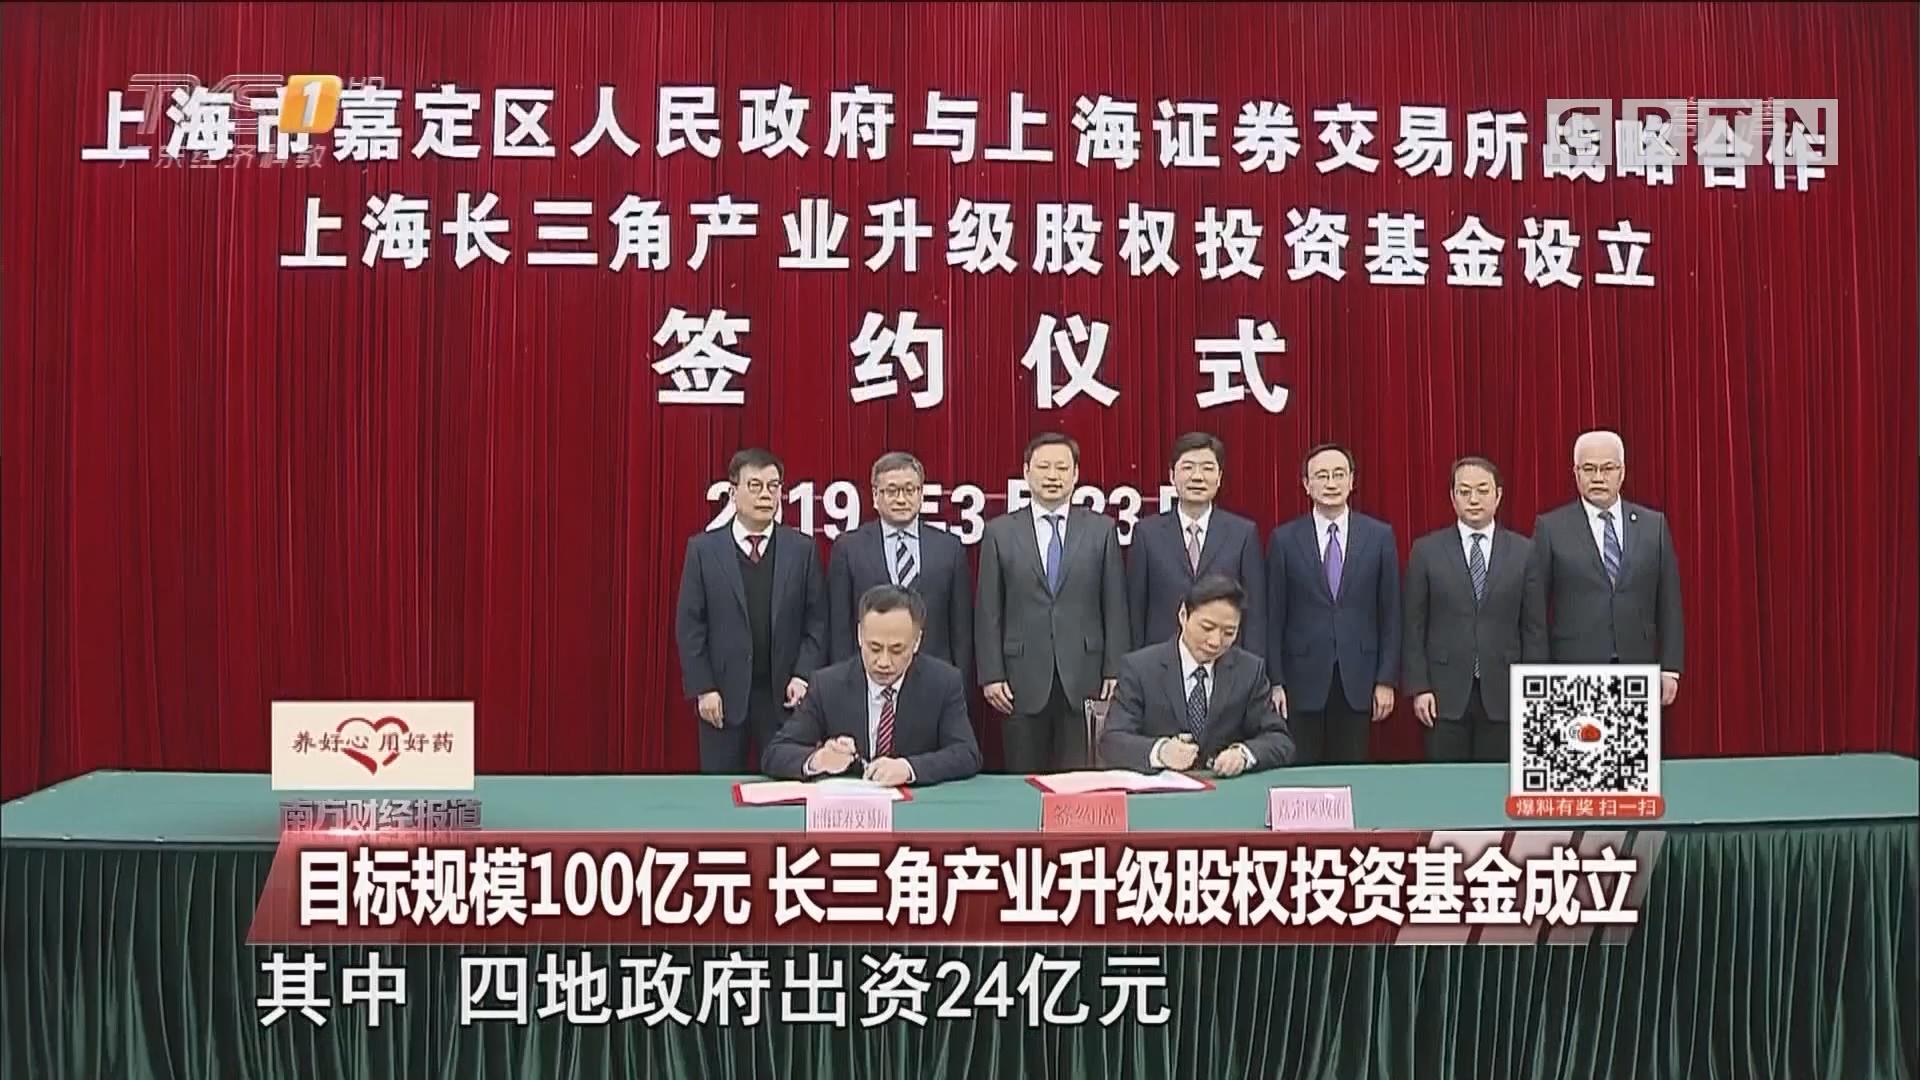 目标规模100亿元 长三角产业升级股权投资基金成立